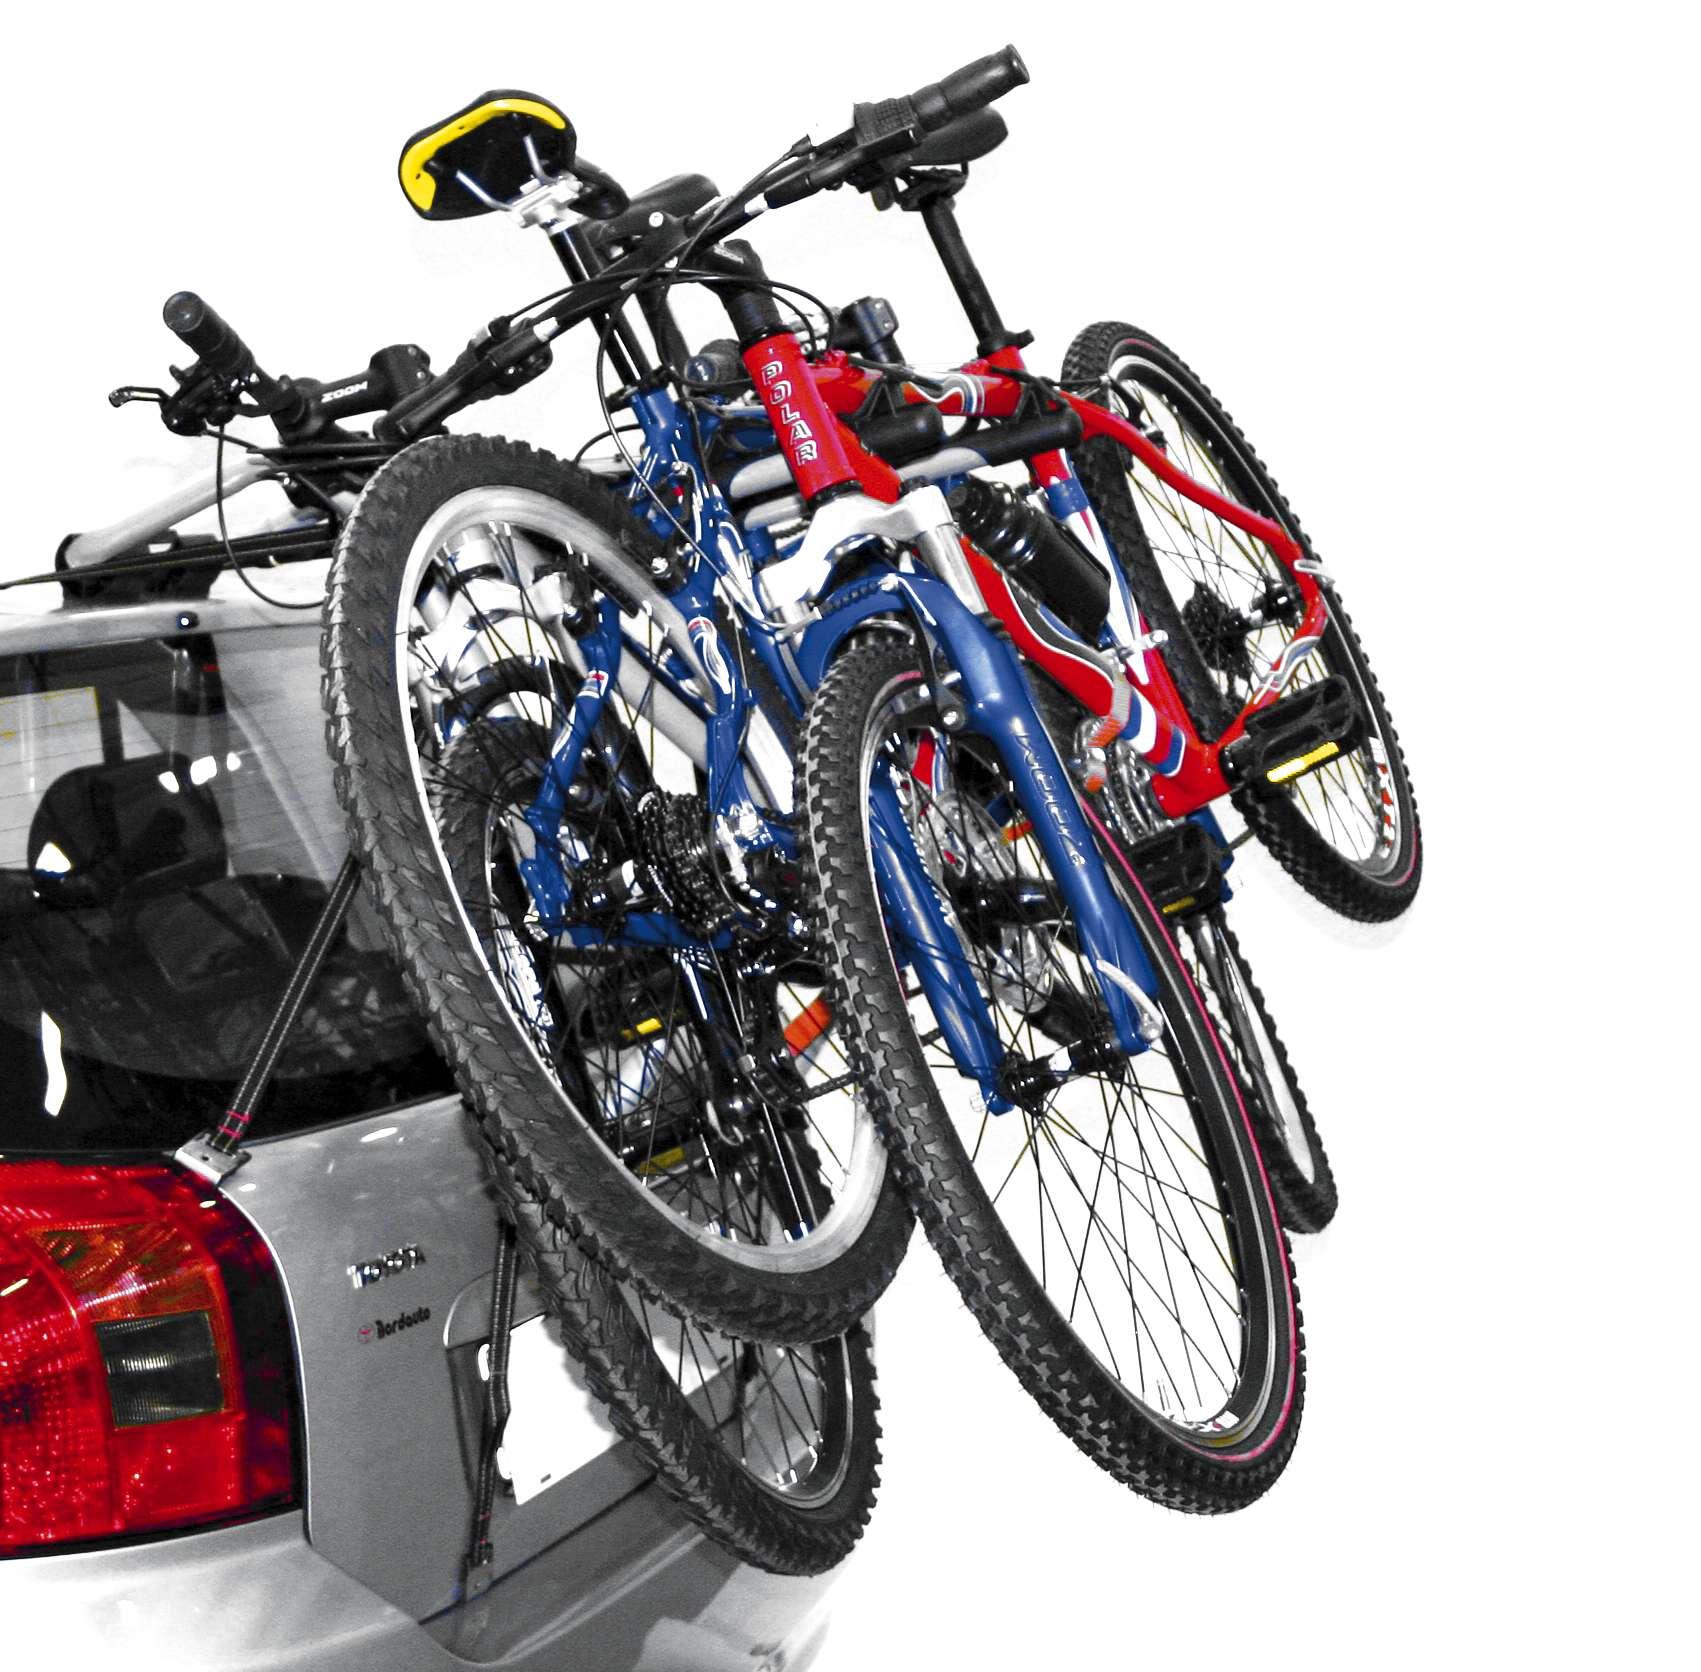 portabici posteriore universale peruzzo venezia 3 bici colore grigio ebay. Black Bedroom Furniture Sets. Home Design Ideas